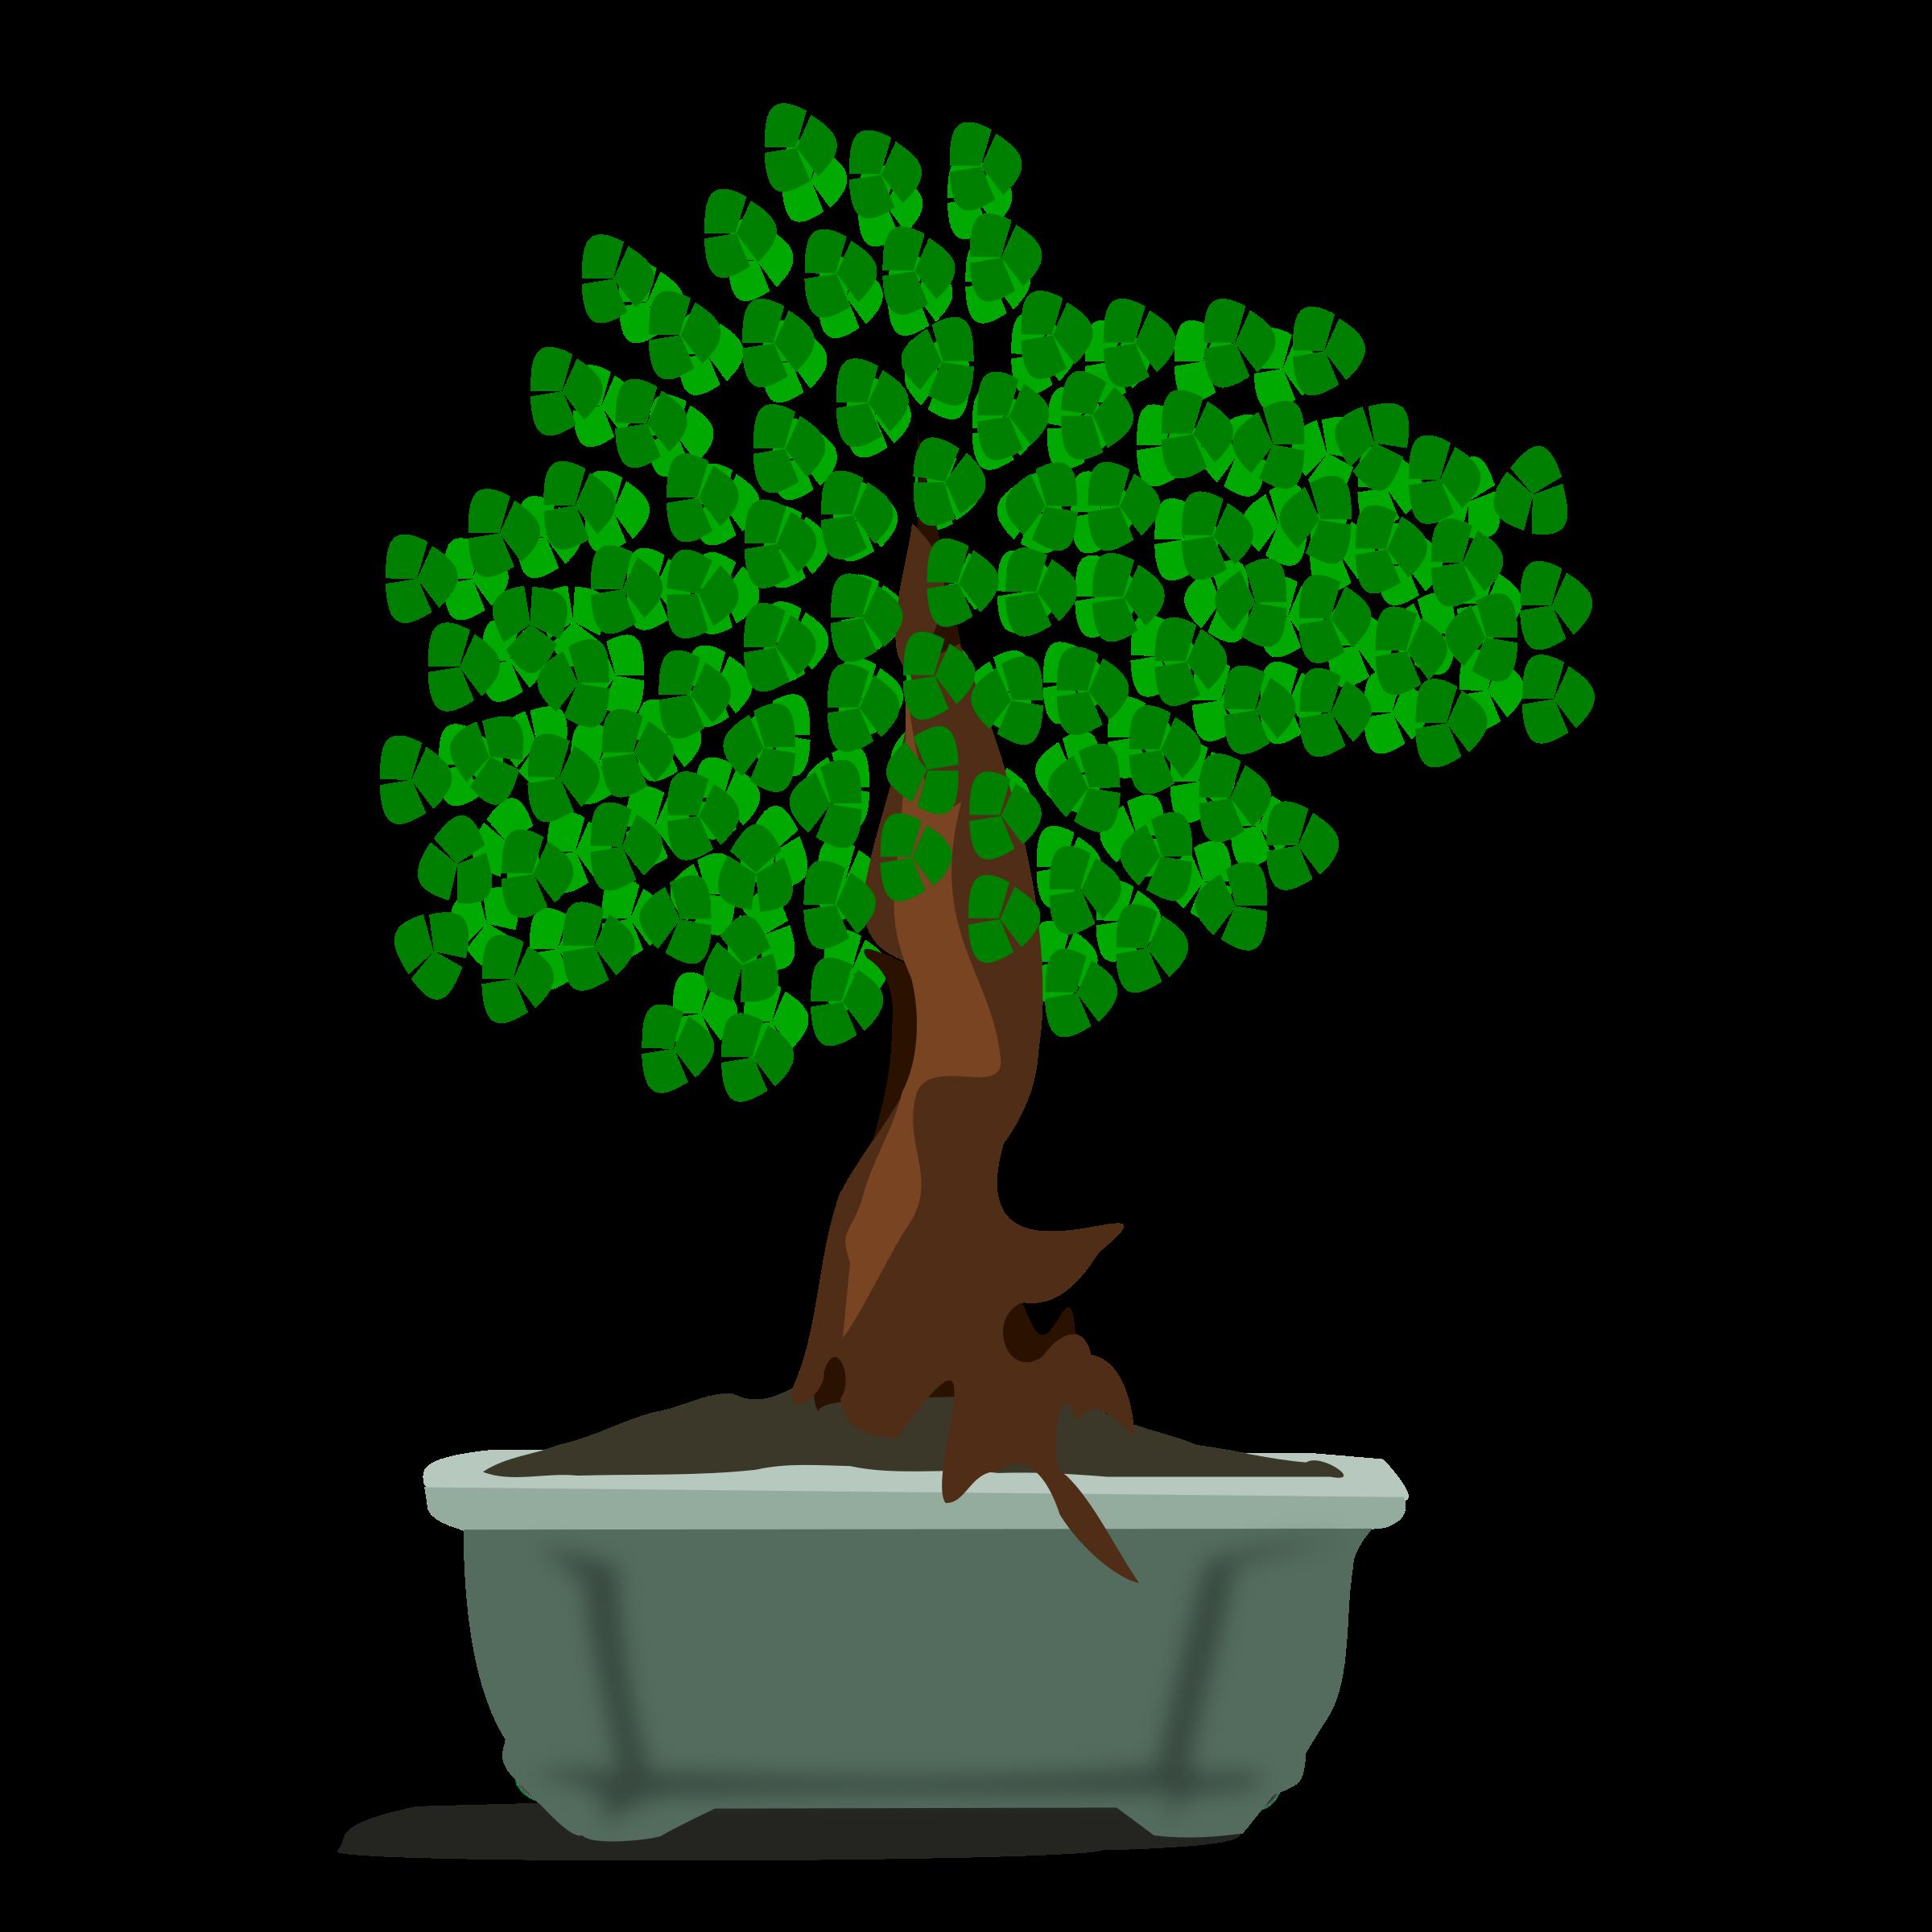 Clipart - bonsai-12 Bonsai Tree Clipart